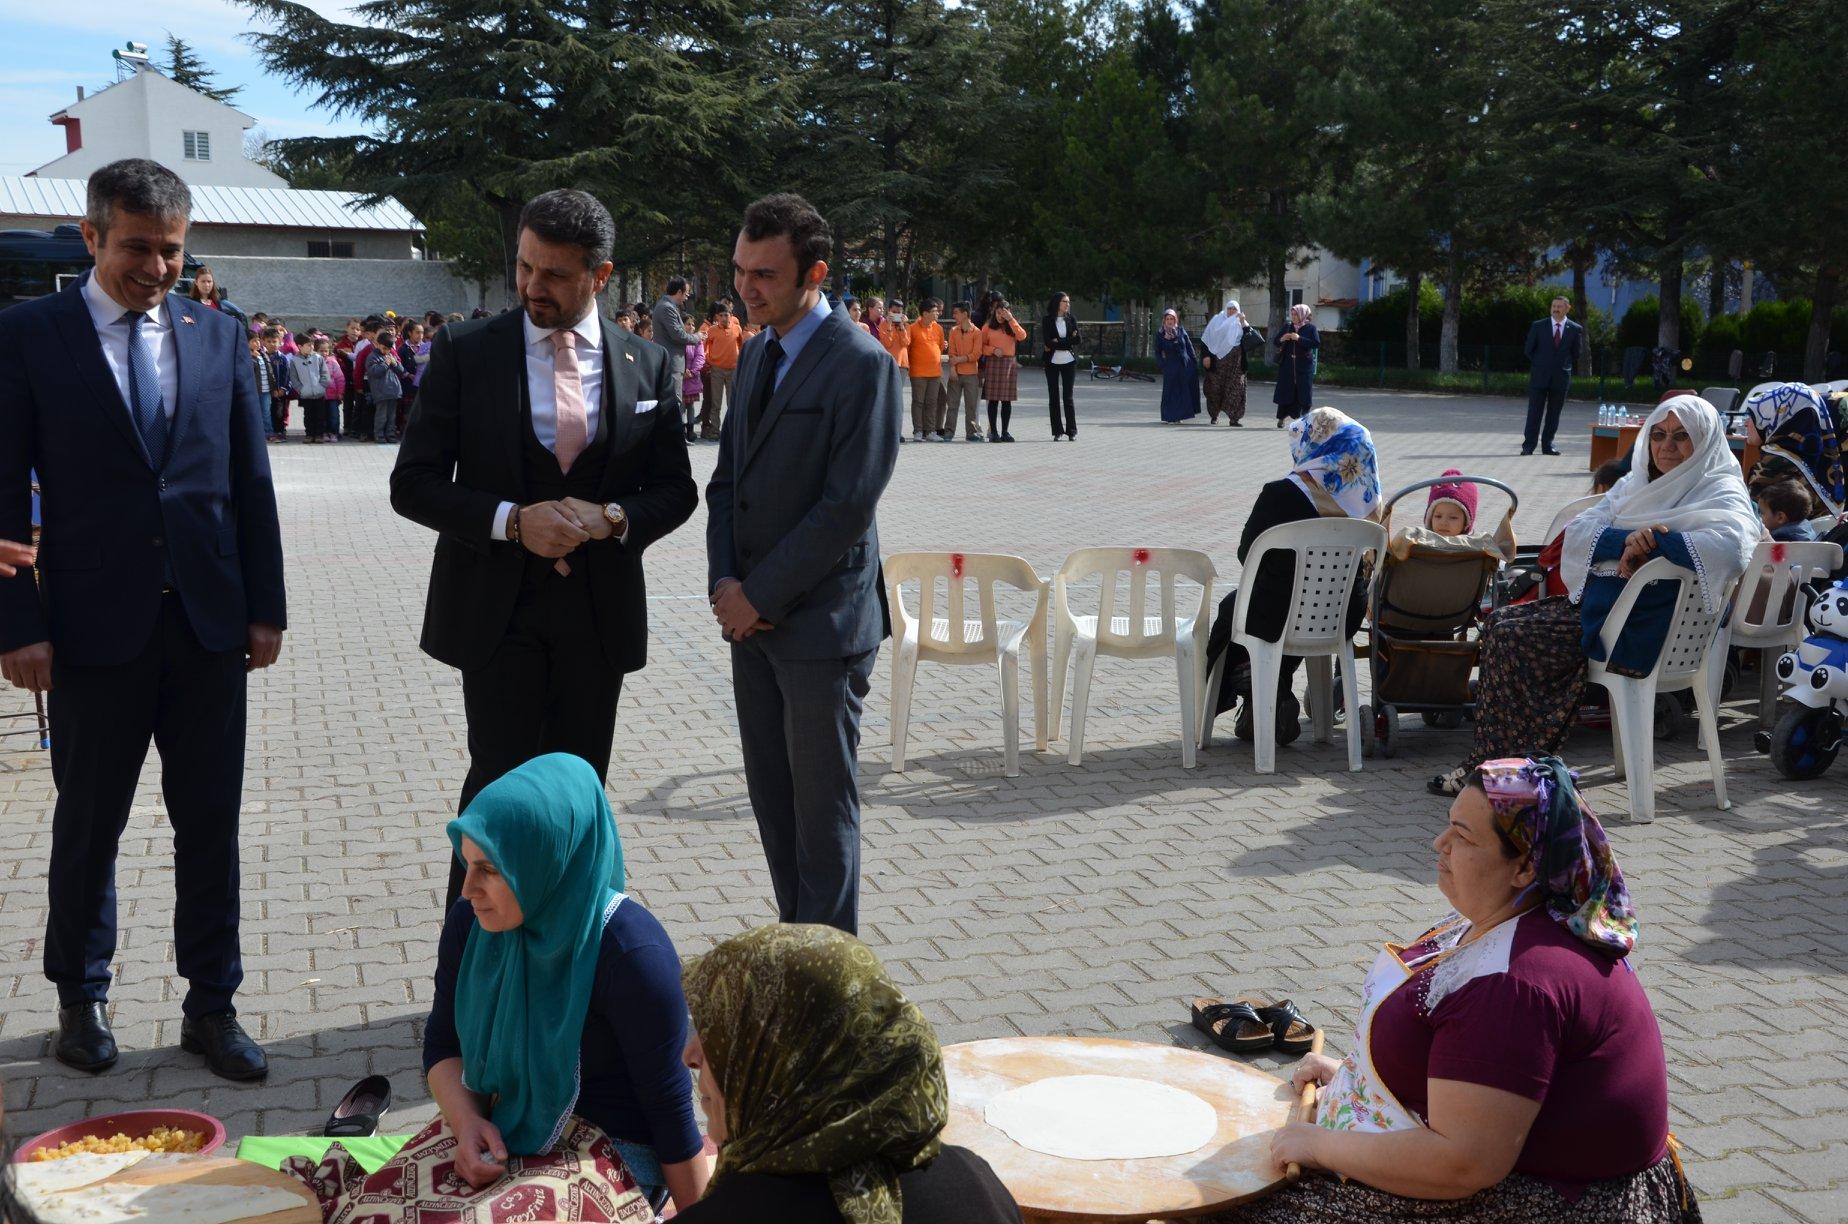 Sivrihisar Belediye Başkanımız Hamid Yüzügüllü ve Sivrihisar Kaymakamımız Erdinç Yılmaz ilçemiz Kaymaz İlk ve Ortaokulu tarafından düzenlenen Nevruz Bayramı Programına katıldılar.